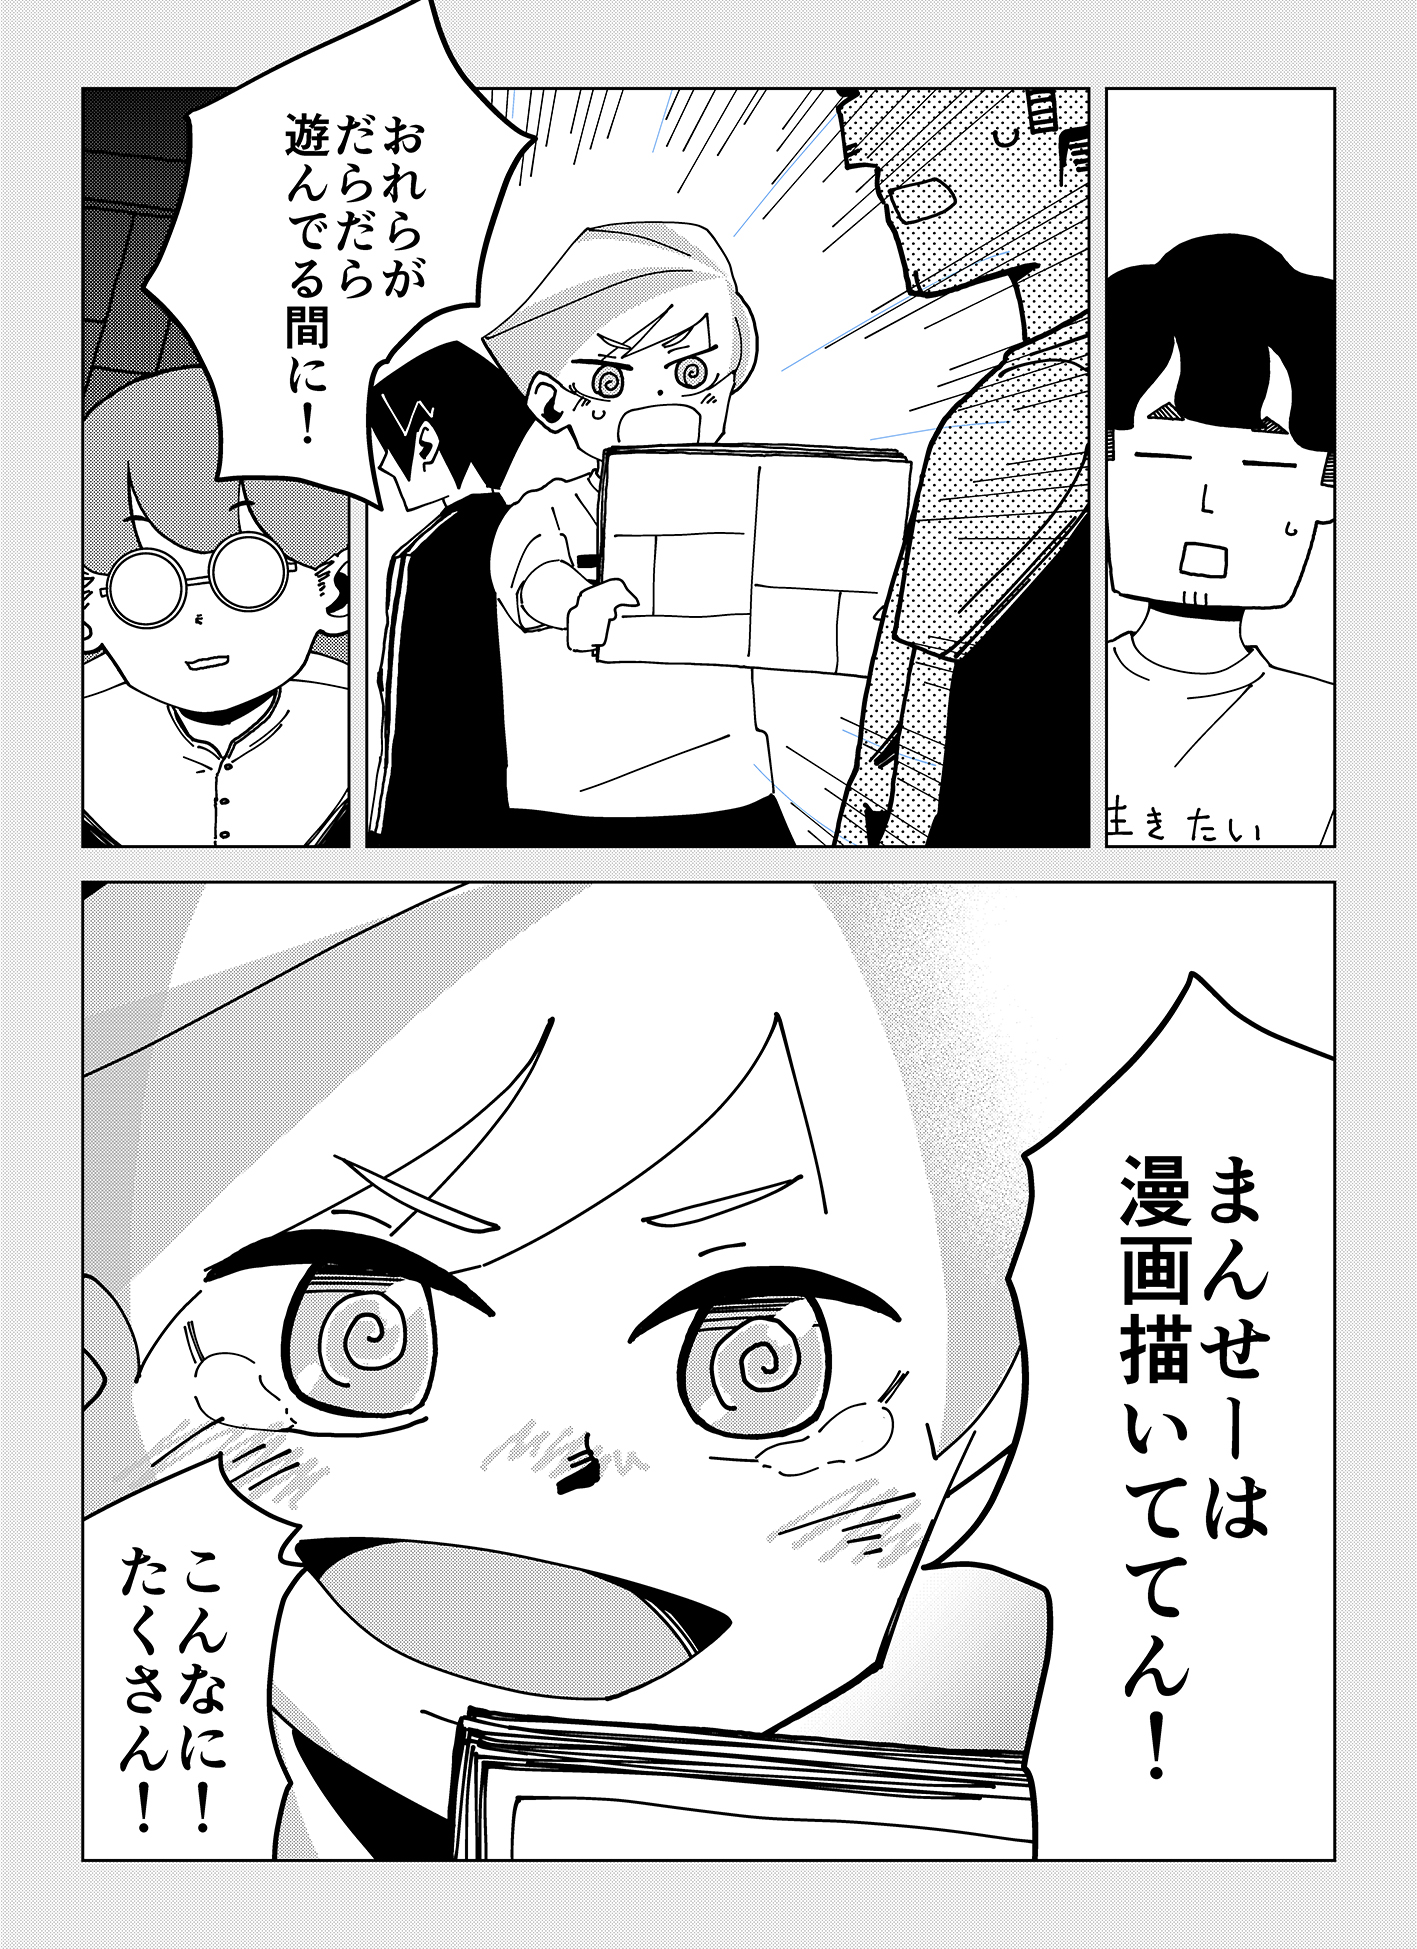 share_09_003